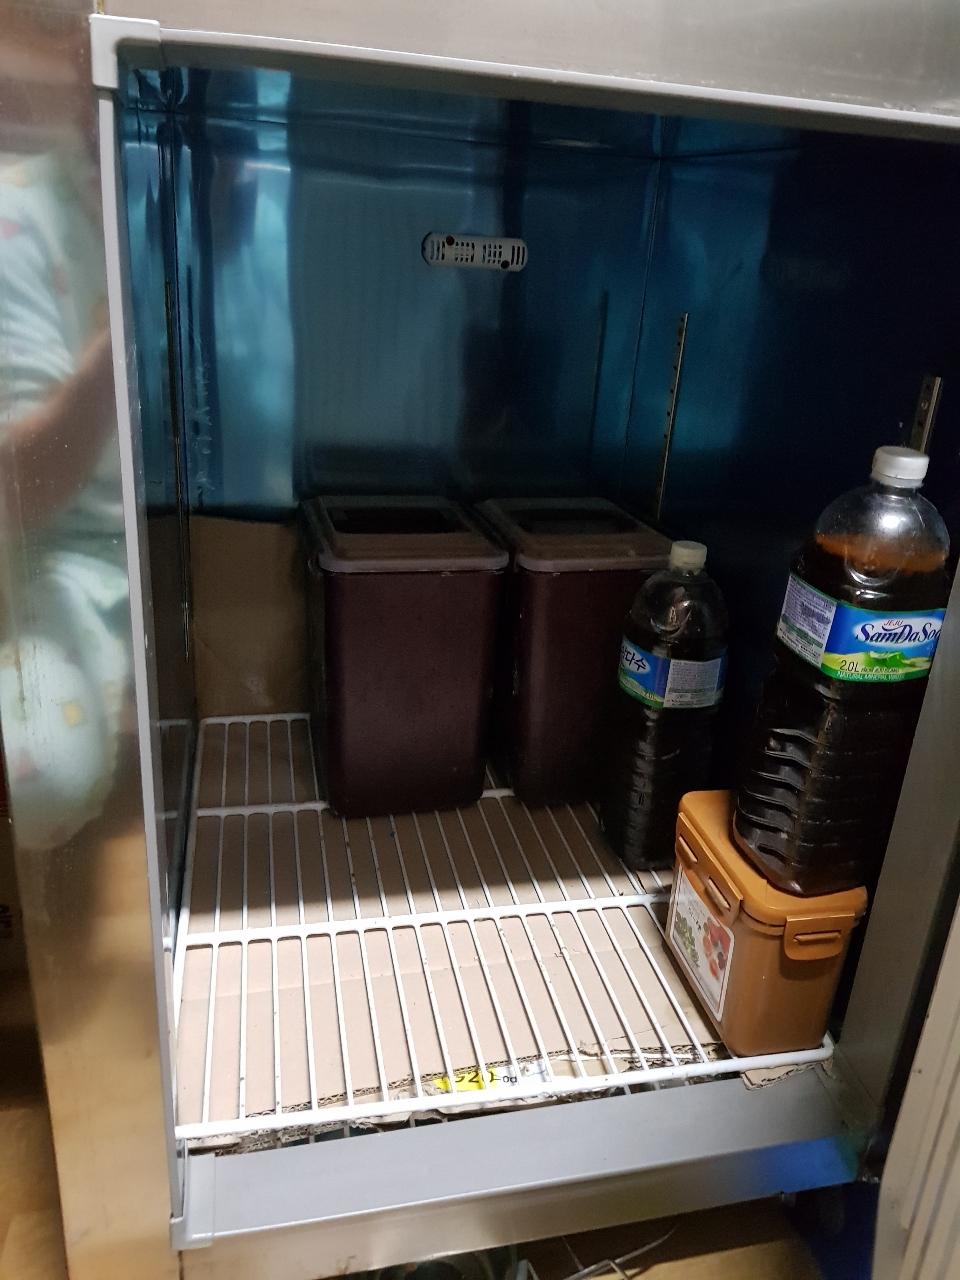 영업용 냉장고에요